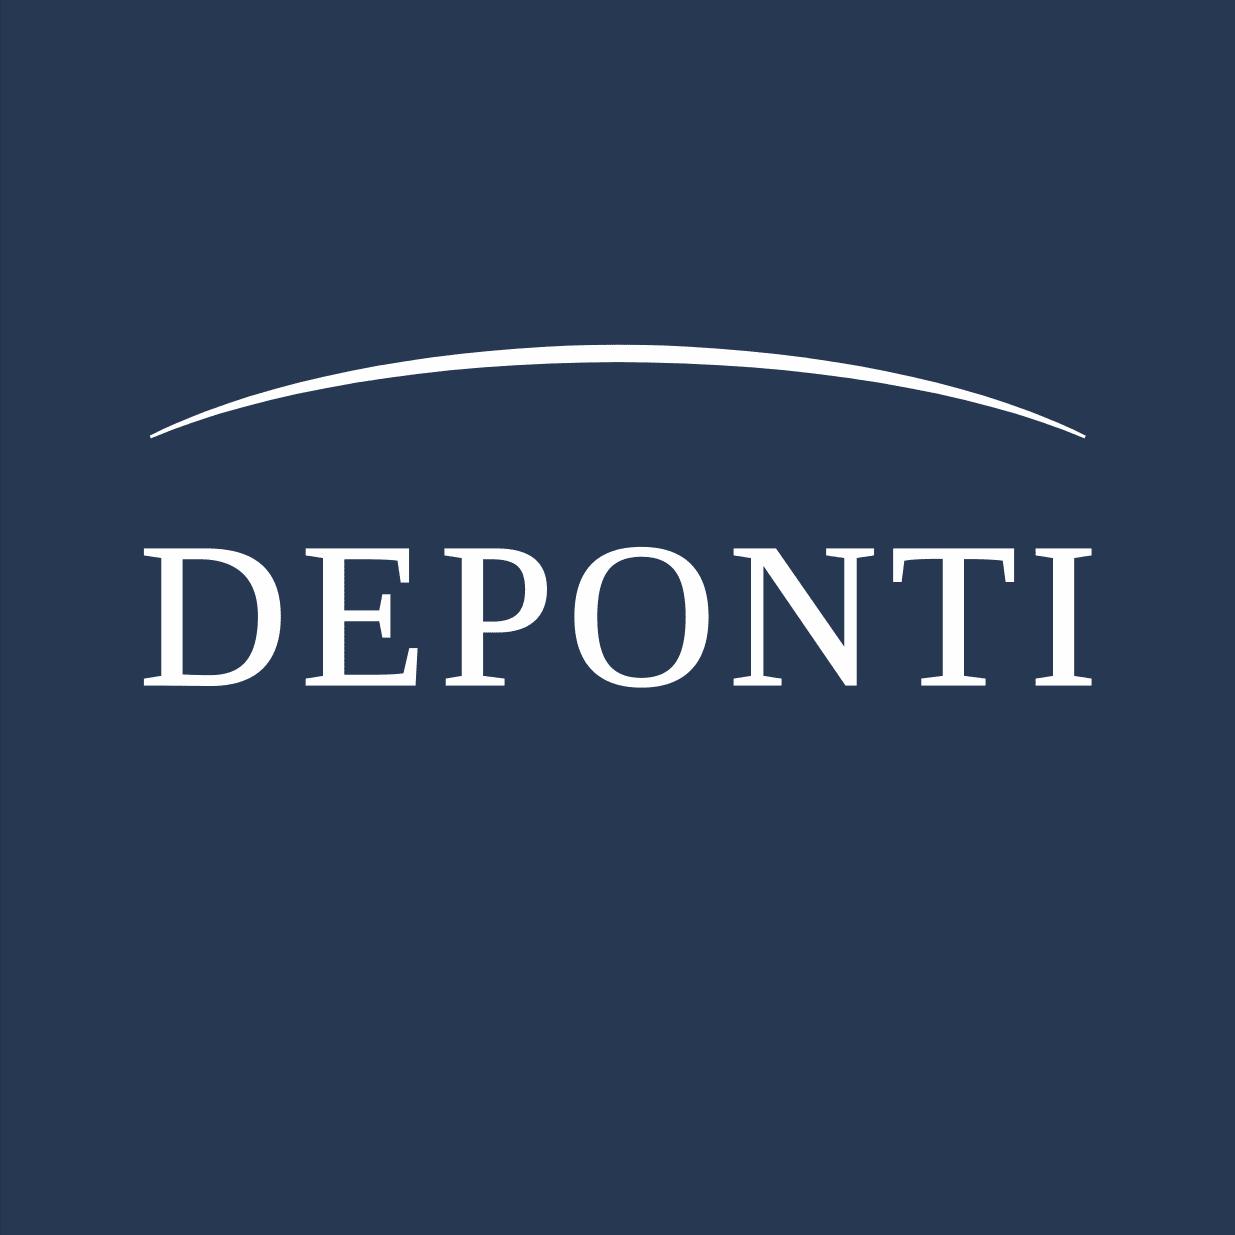 Deponti